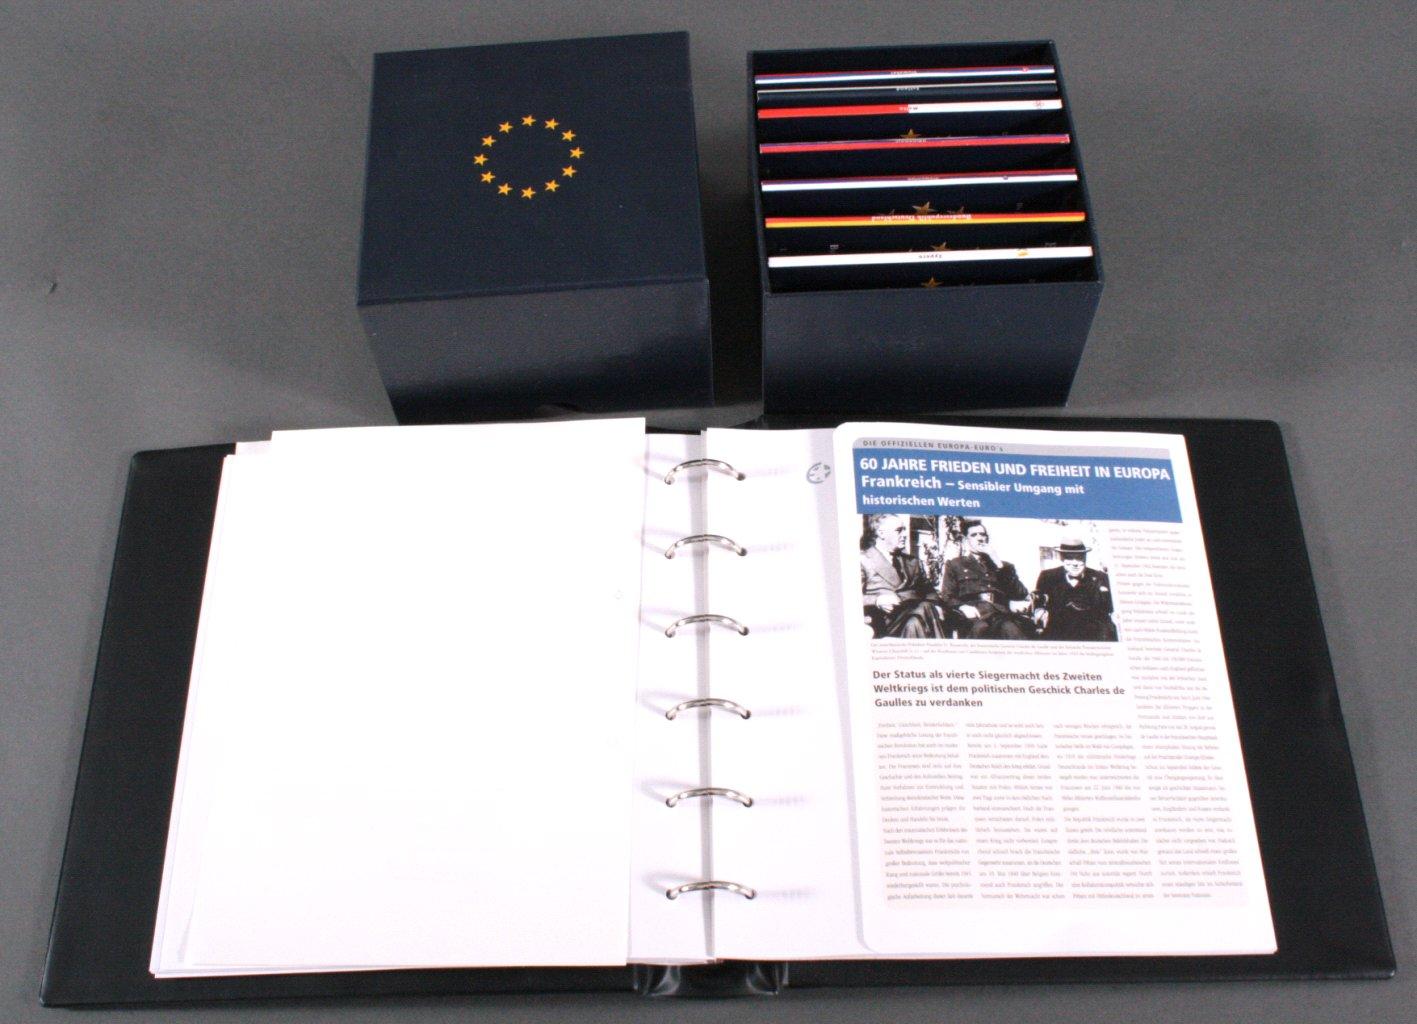 Die Erweiterung der Währungsunion